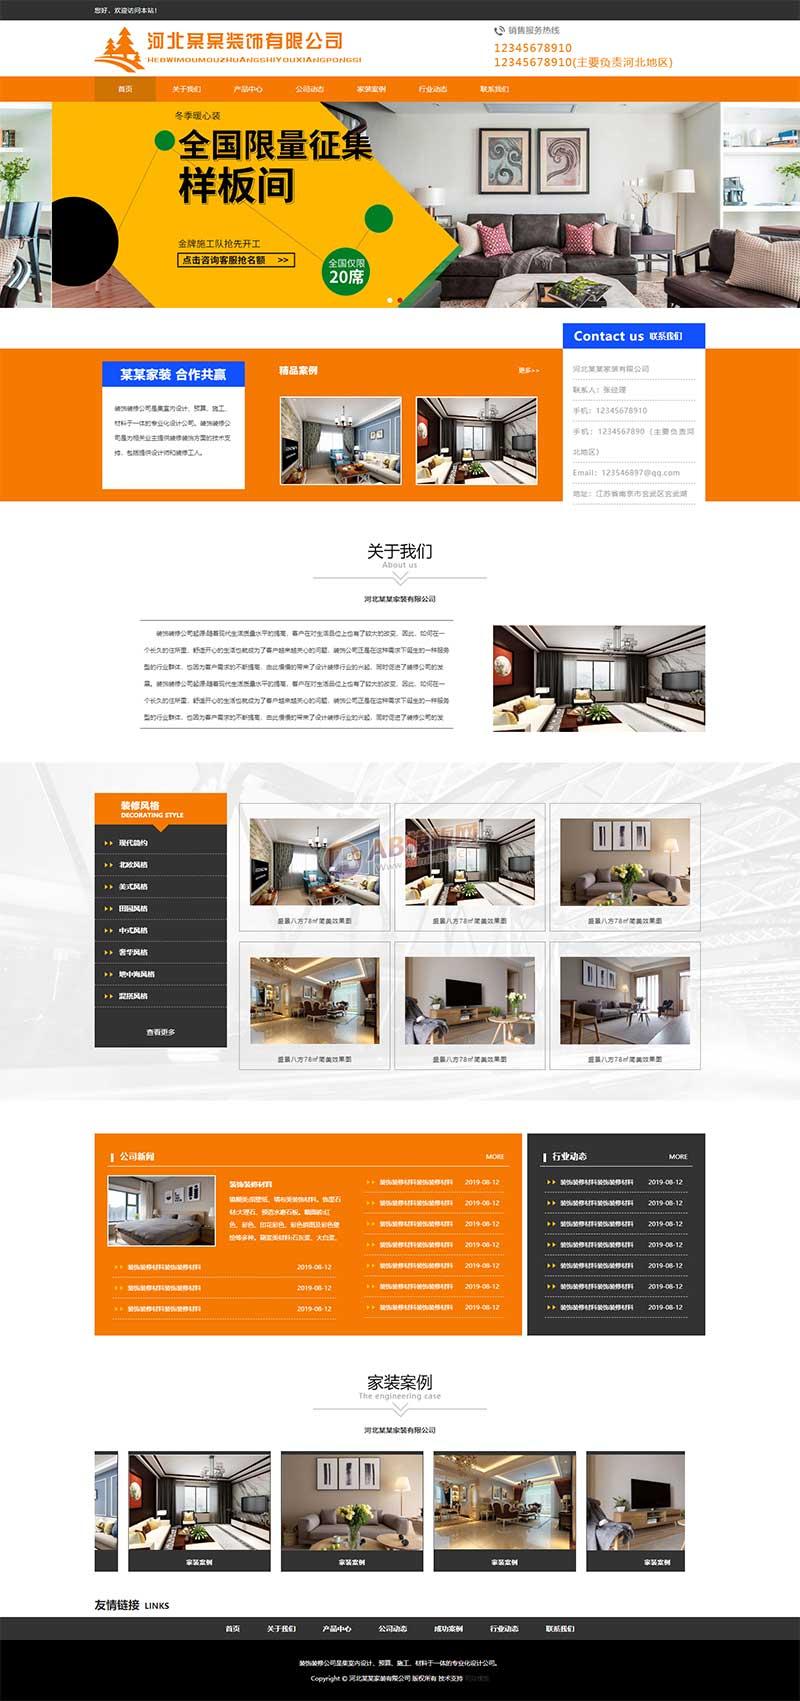 橙色装修行业网站静态html模板